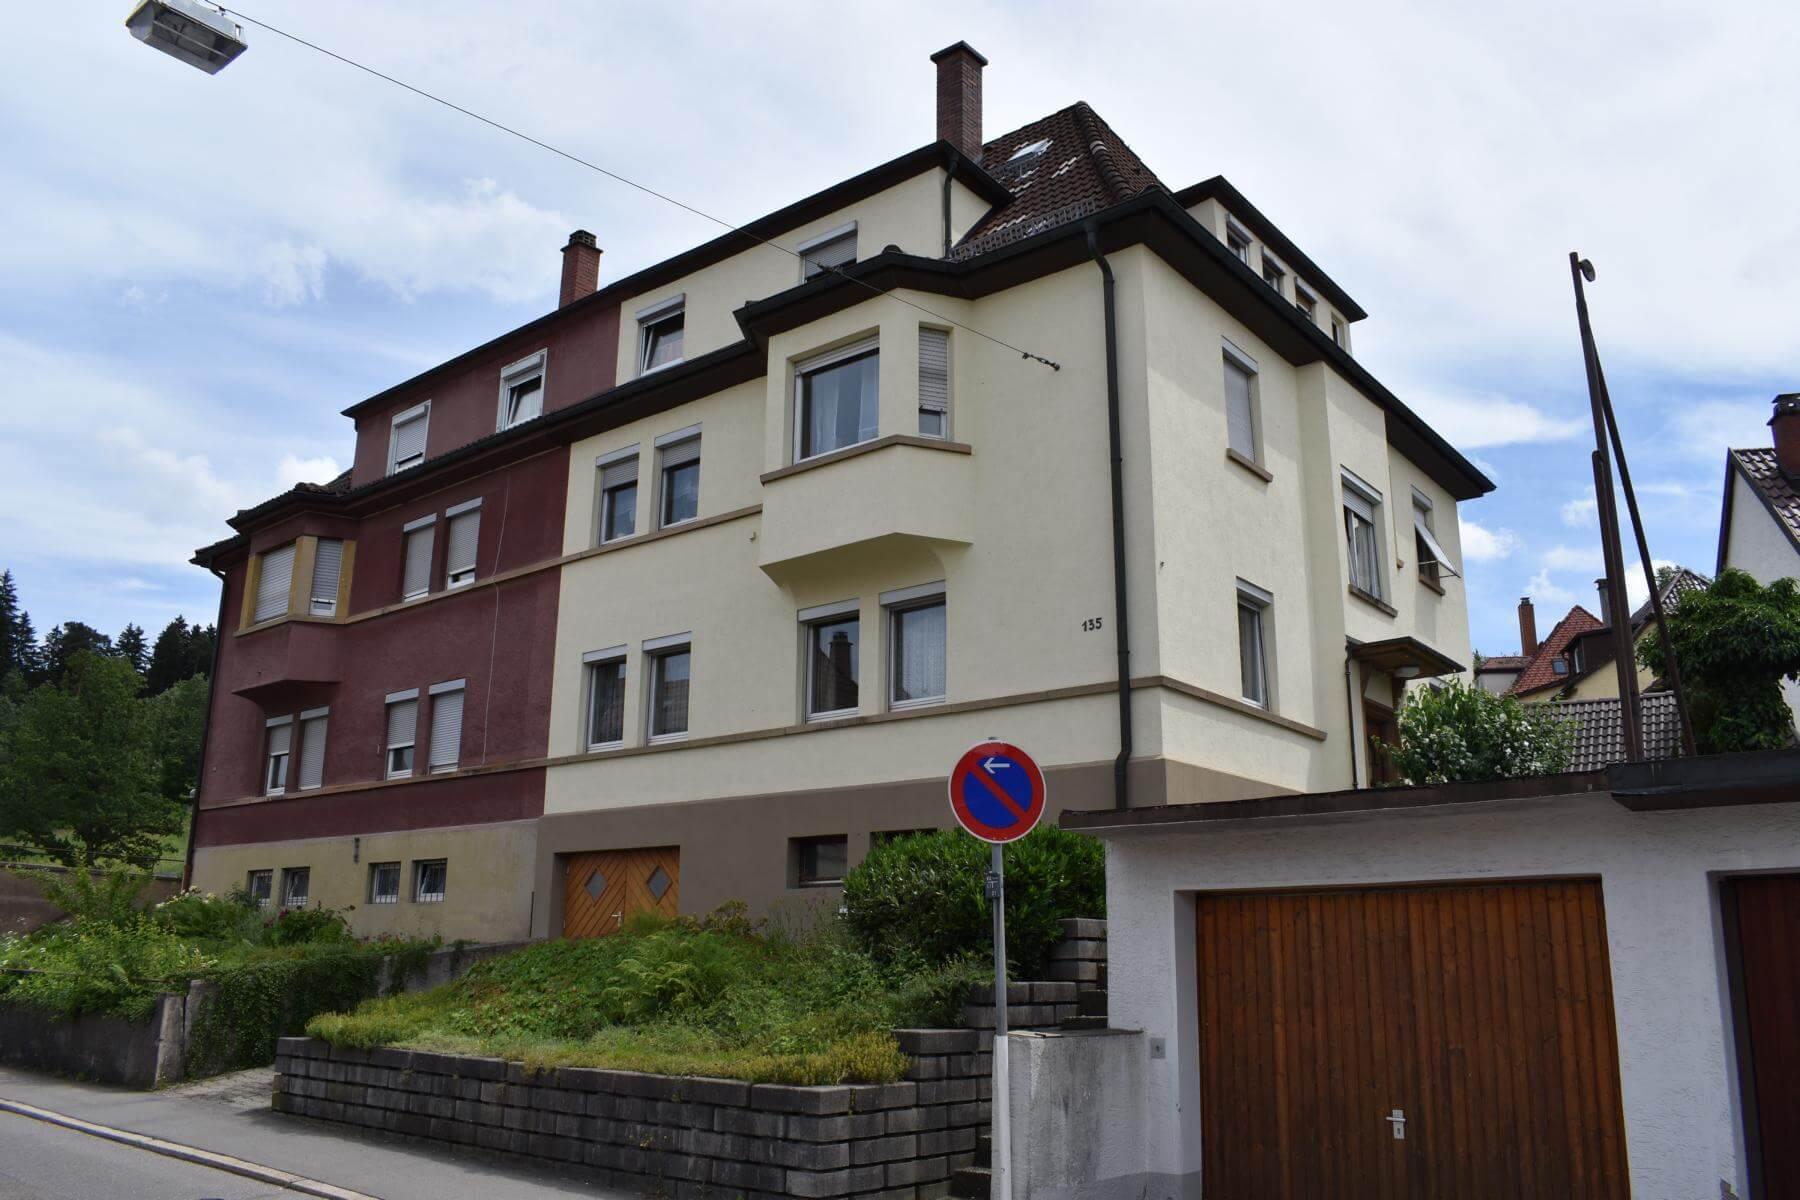 Gemütliche  3 Zimmer-Eigentumswohnung  mit Garage und Gartenanteil in VS-Schwenningen